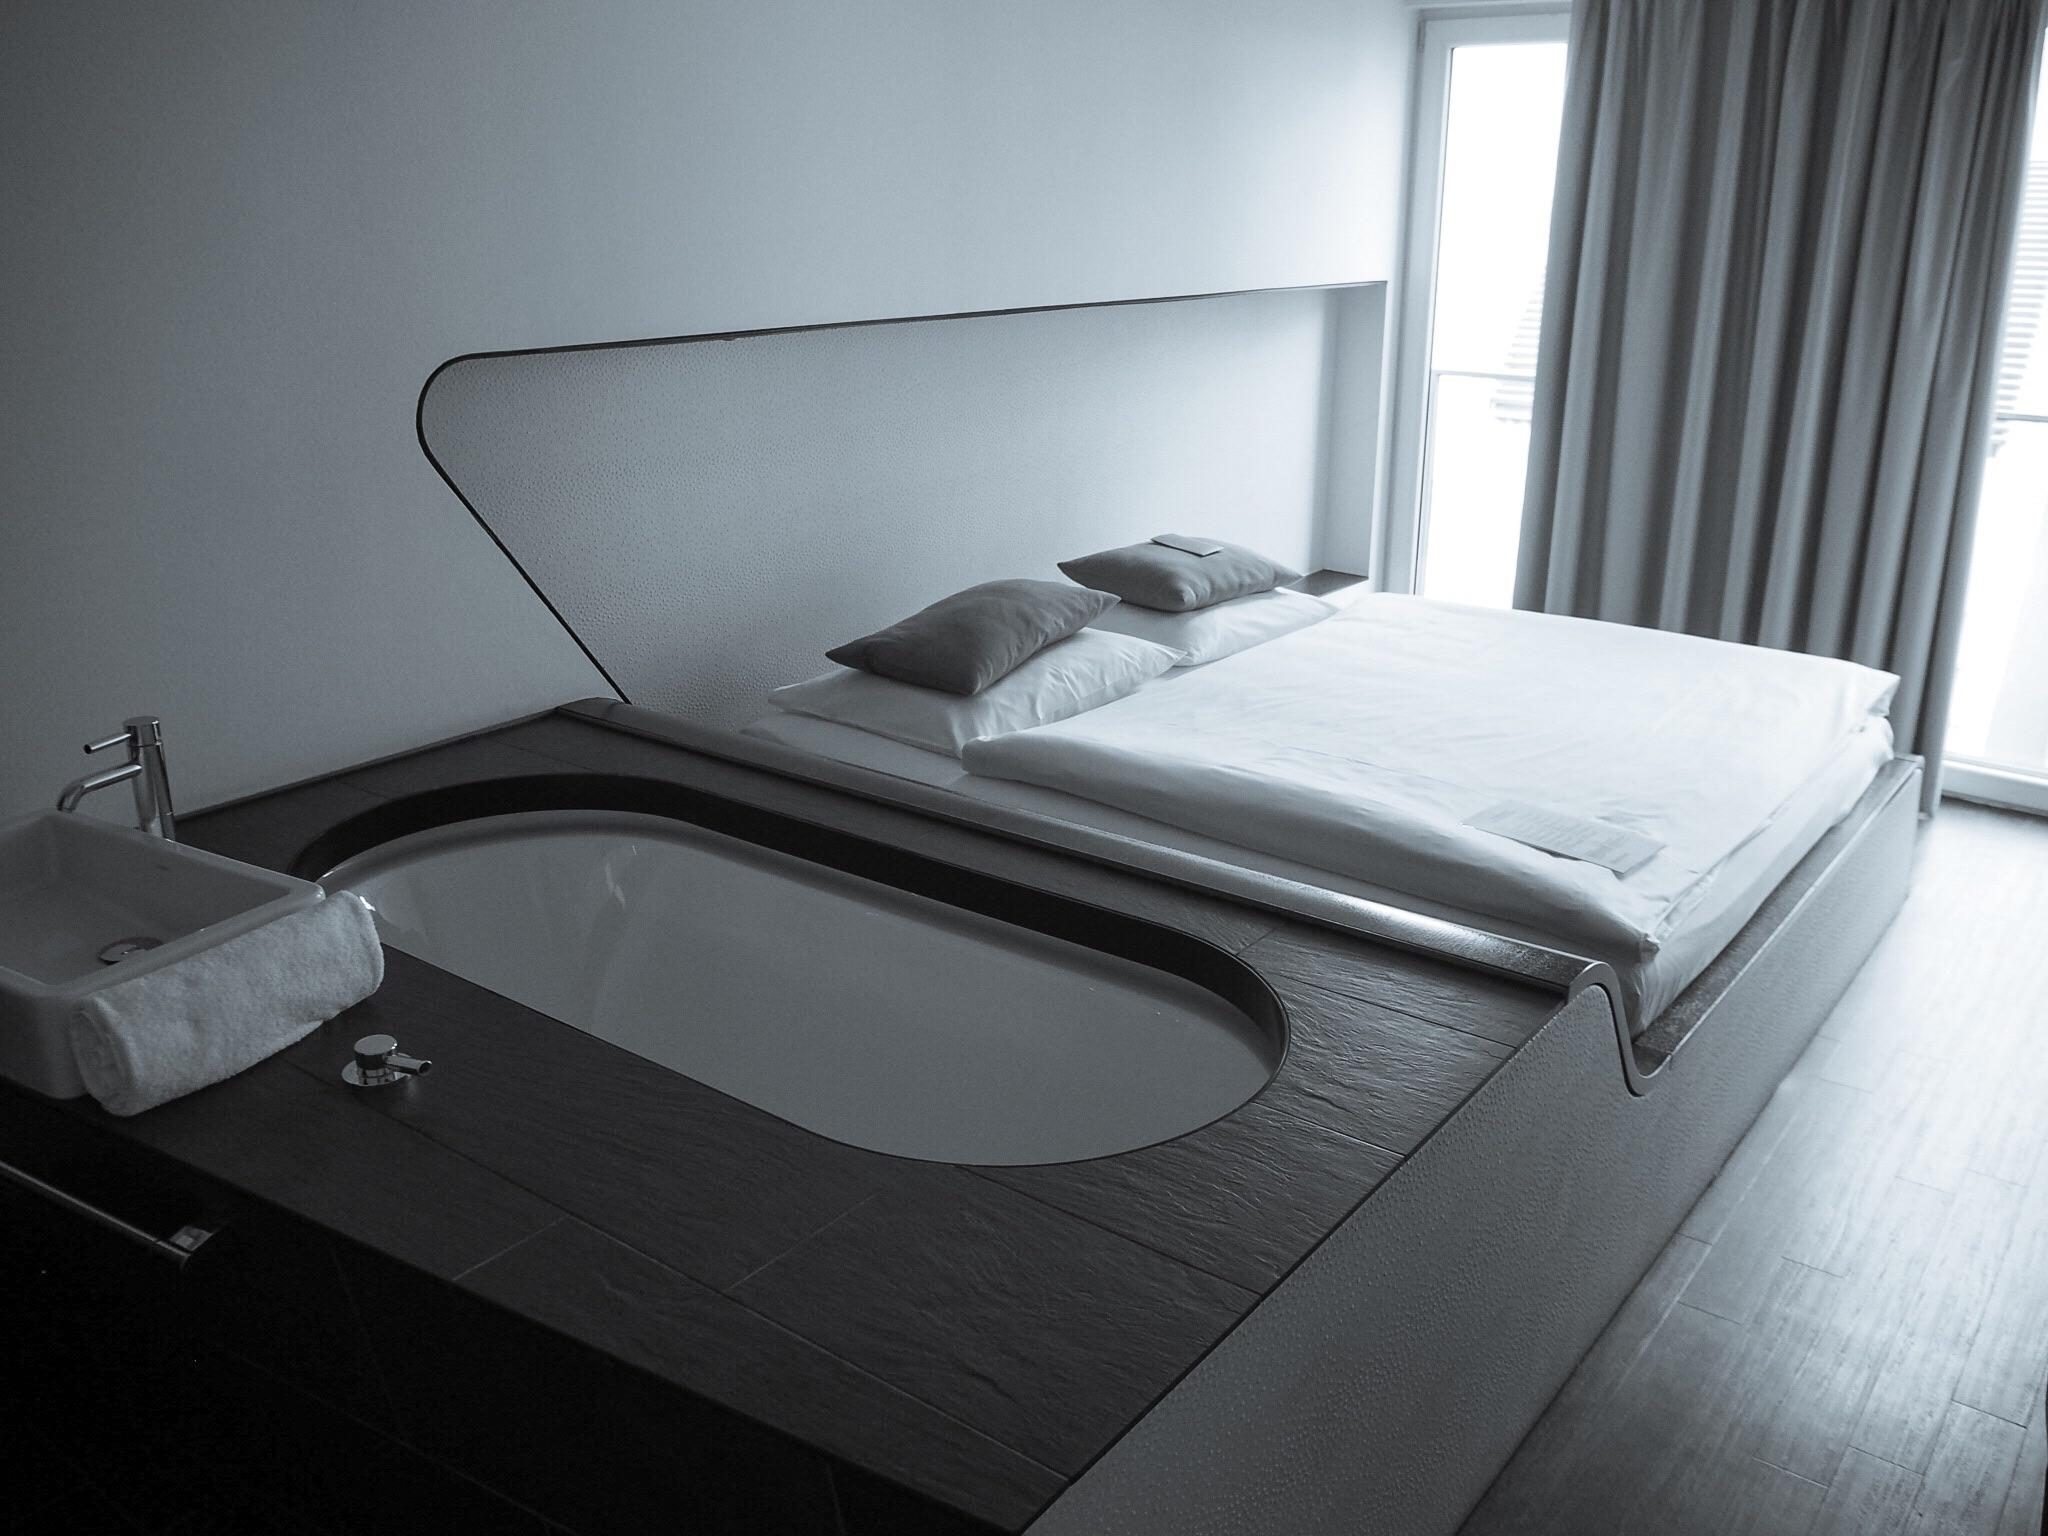 Hotel Q i Berlin – en selsom opplevelse